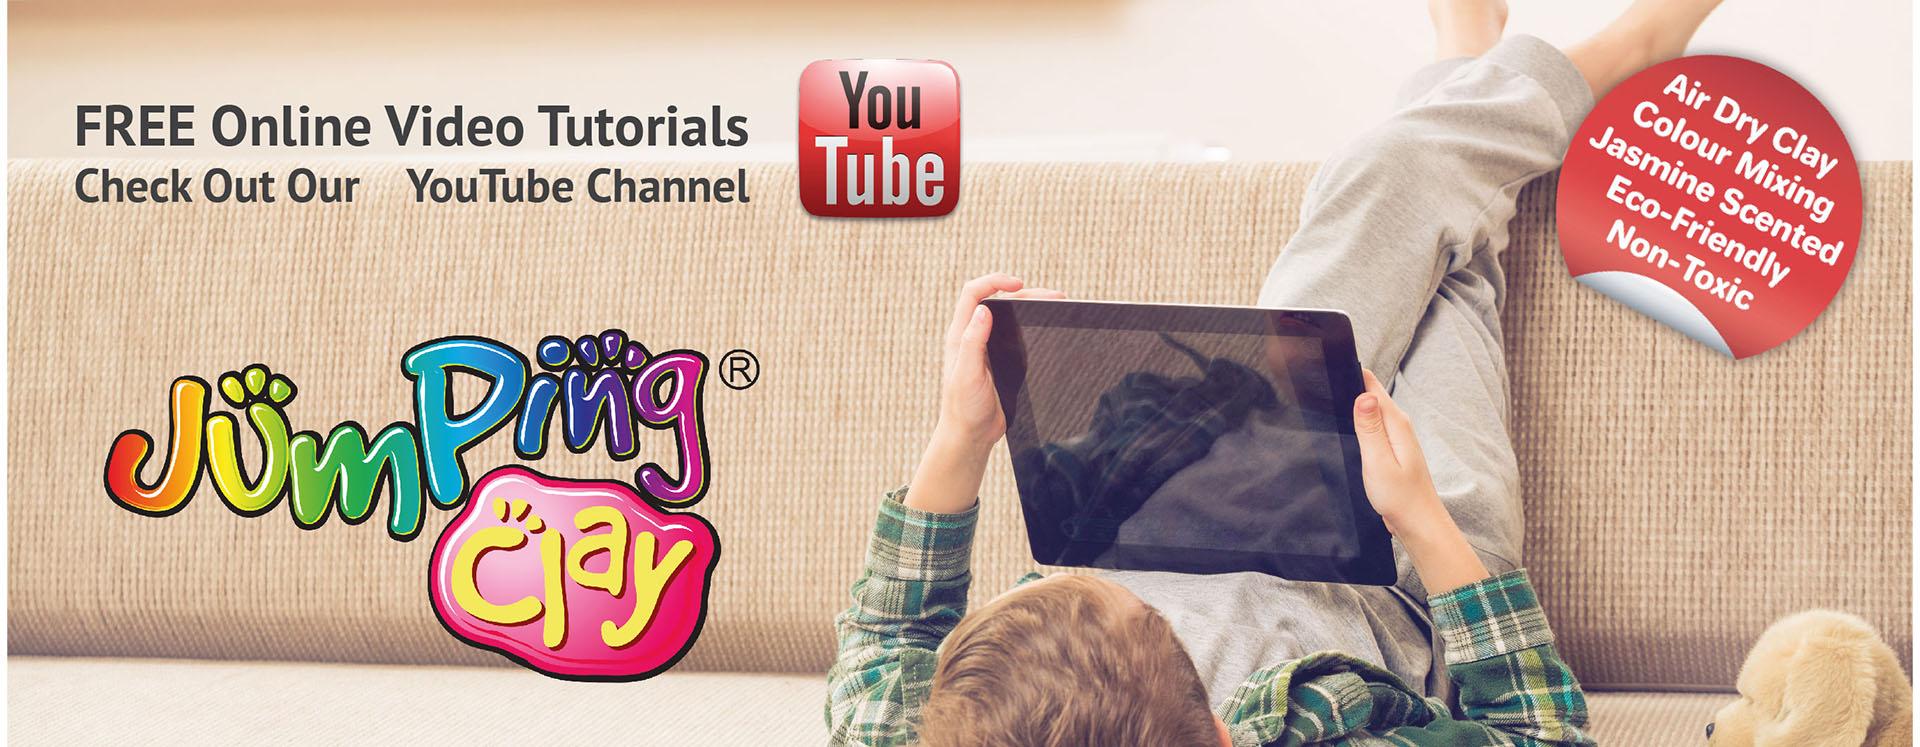 JumpingCLAY - The Kids Activity Company's main image